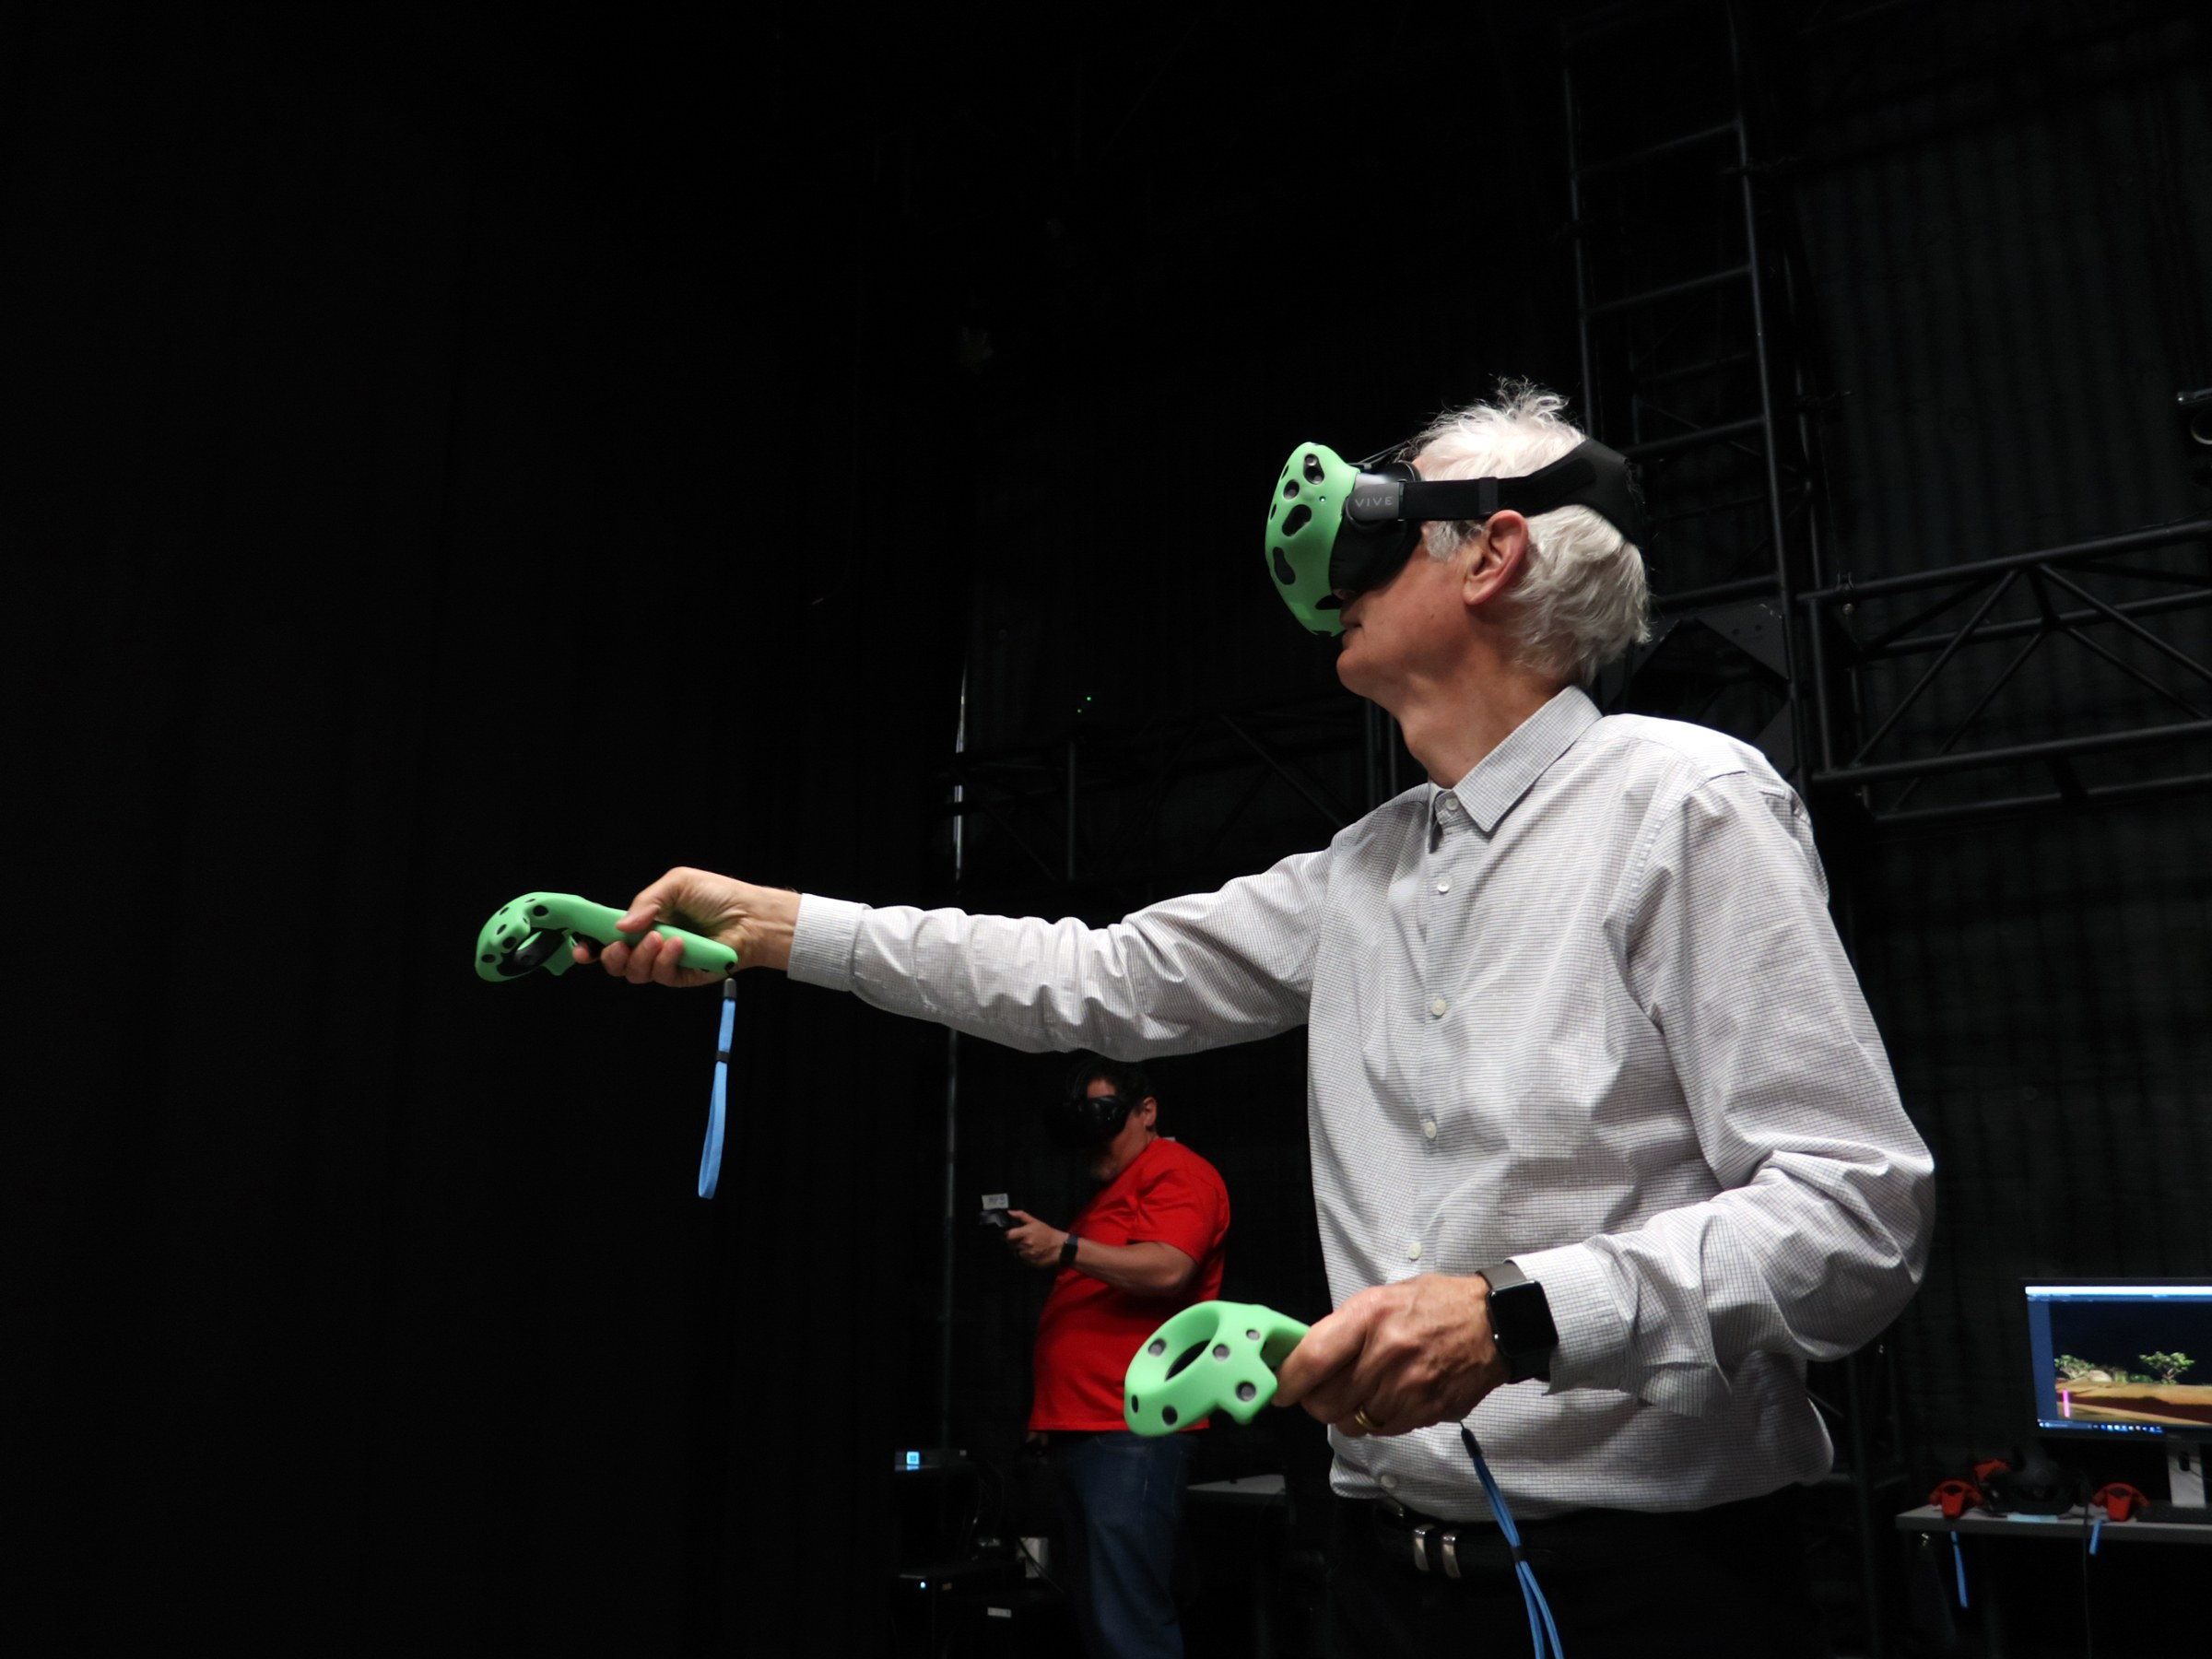 Deschanel lines up a shot in VR.